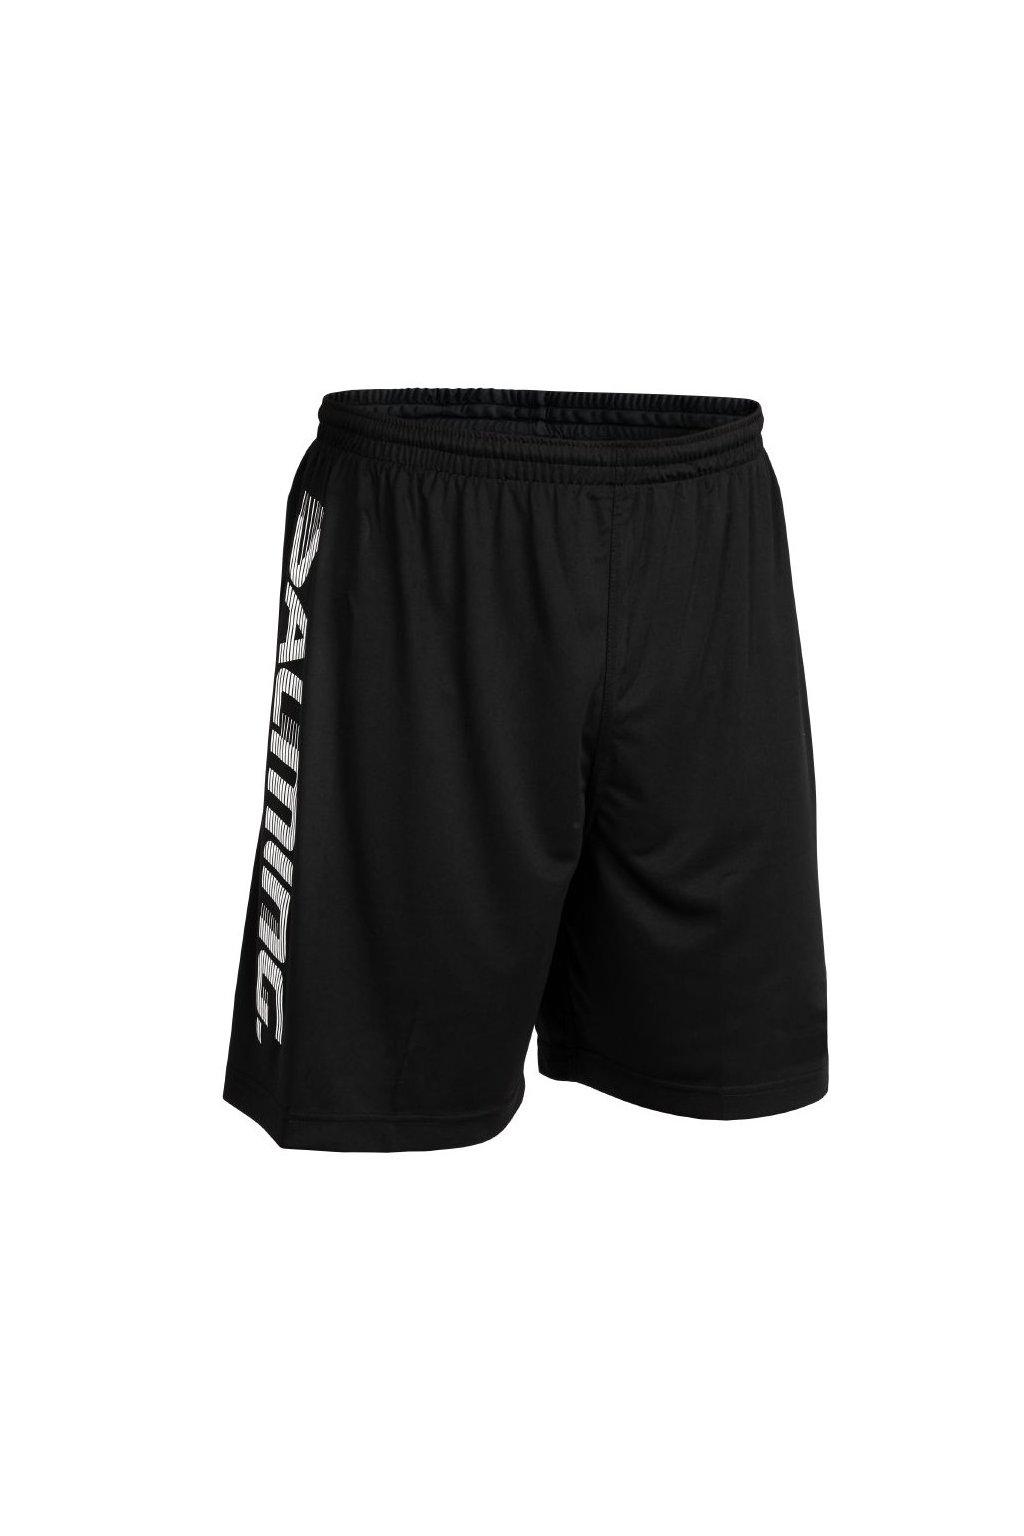 salming training shorts 20